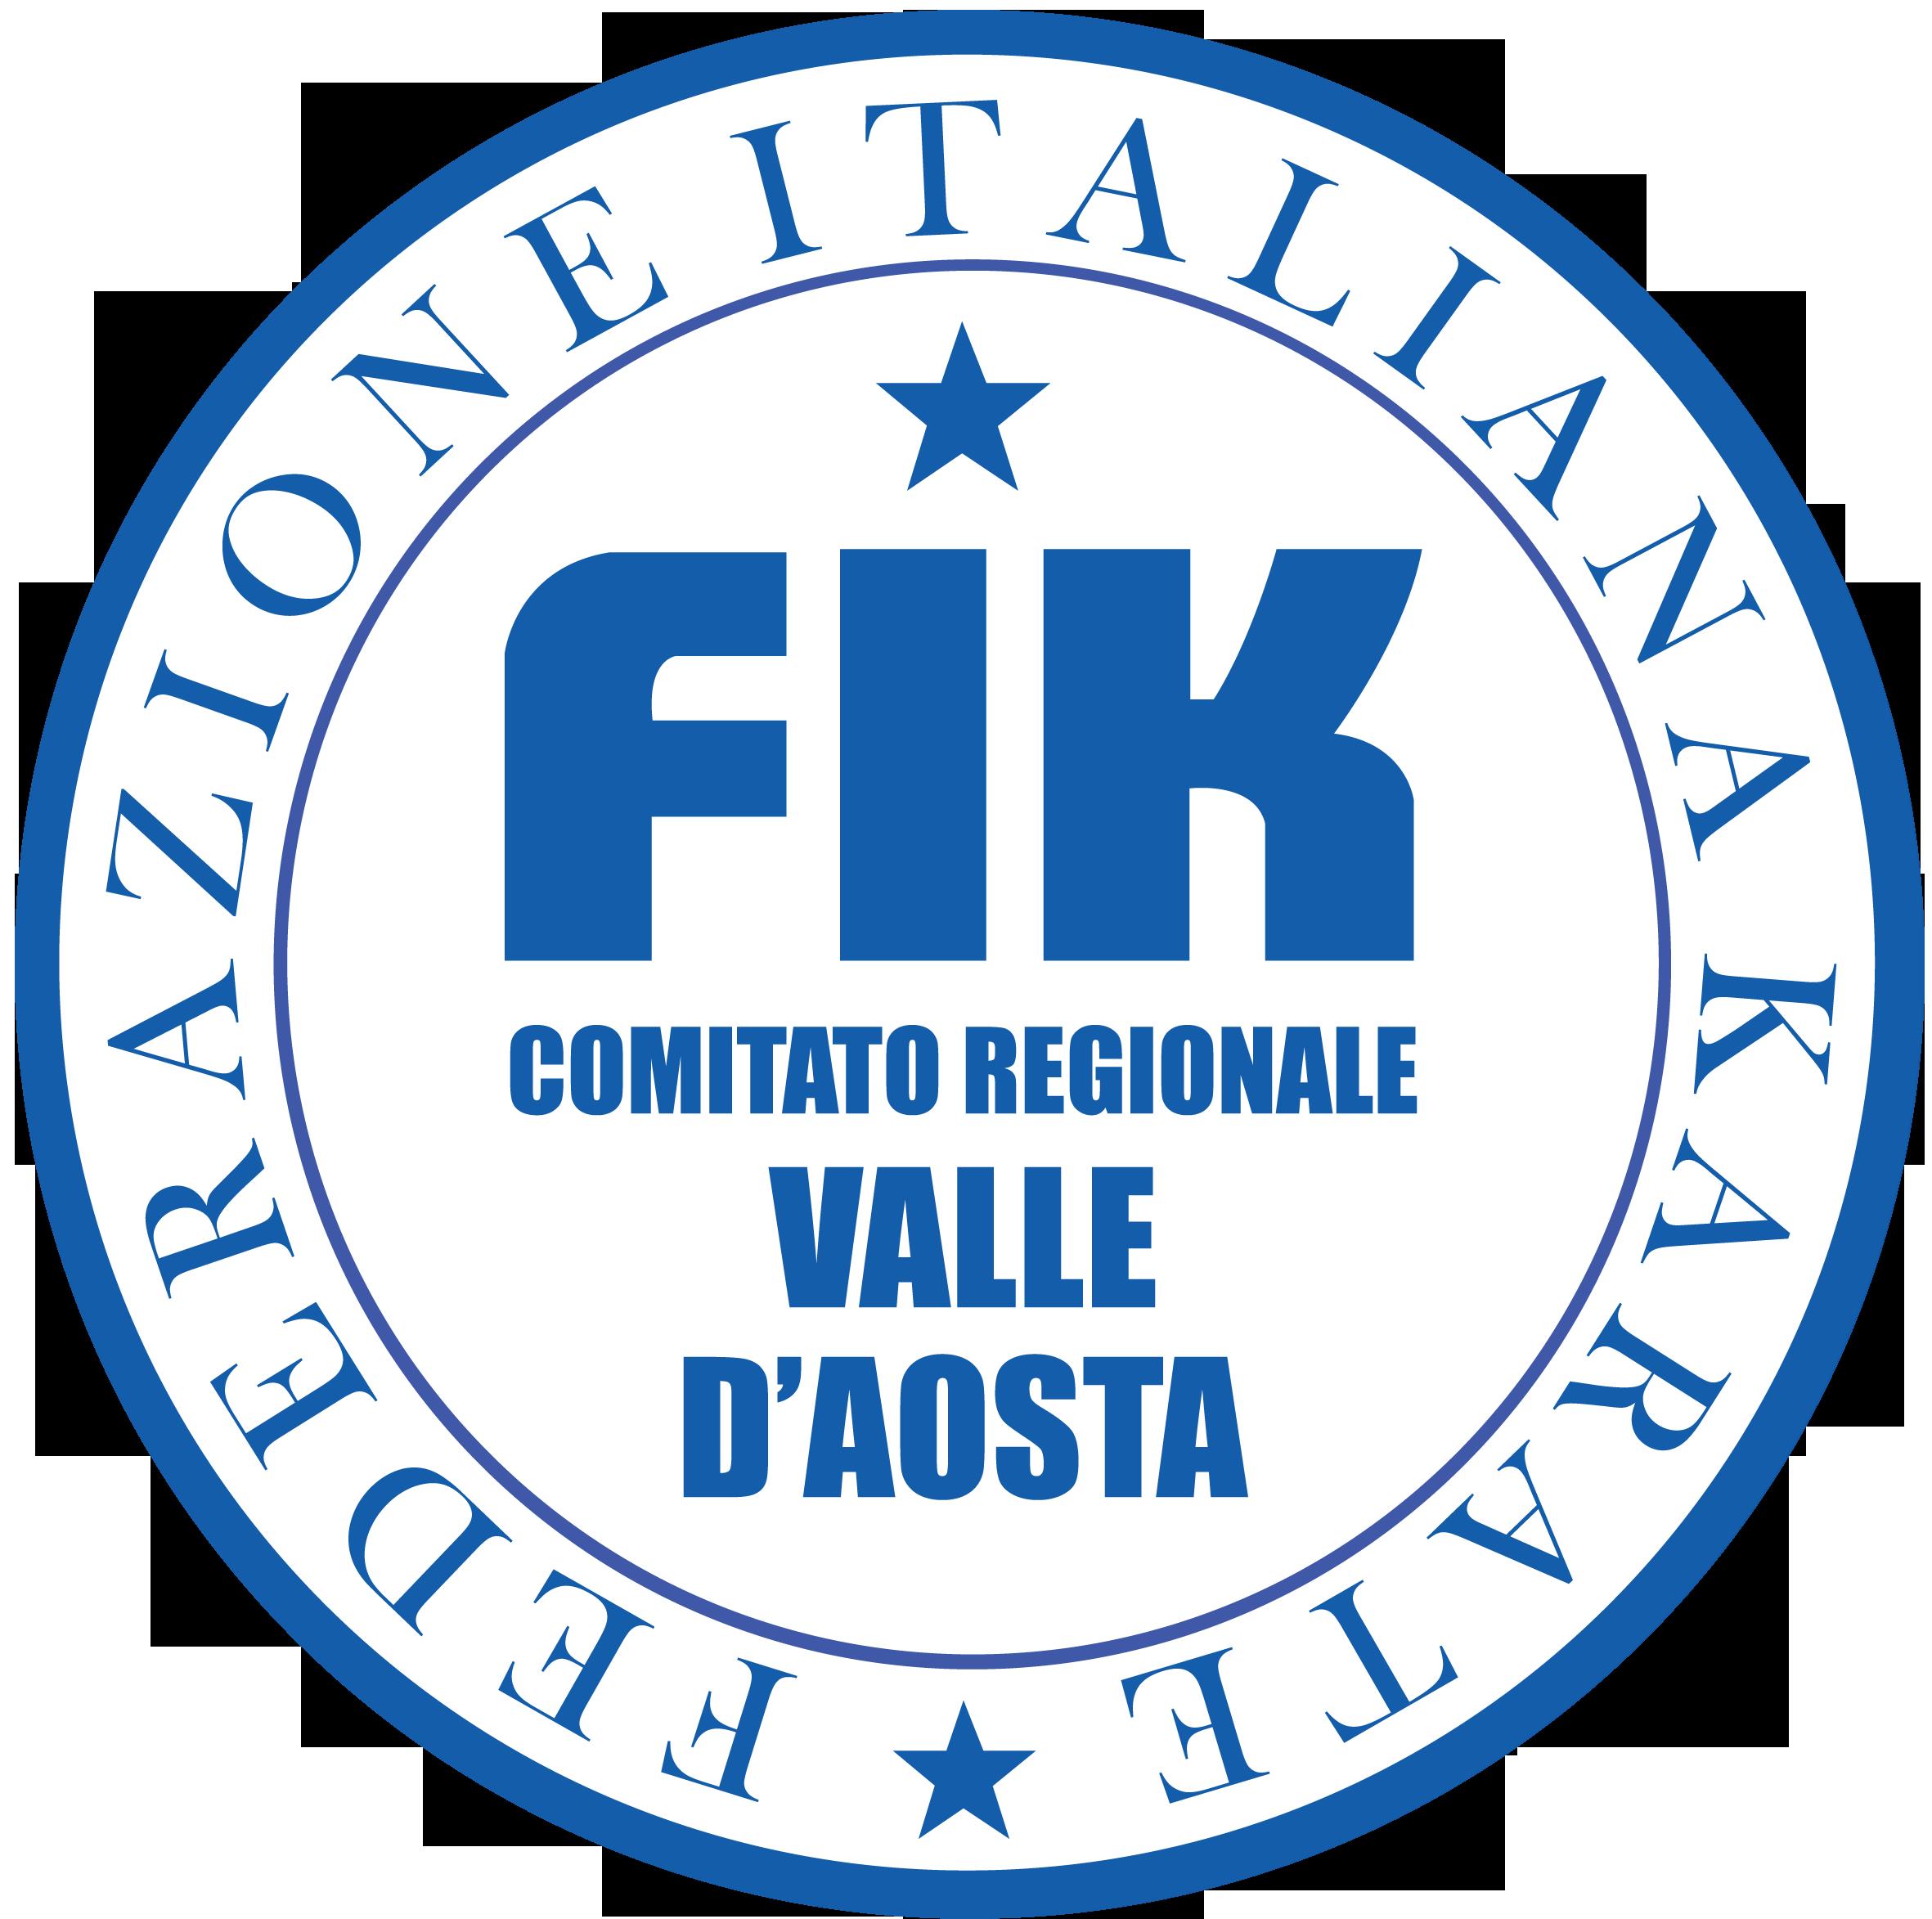 Comitato Regionale Valle D'Aosta